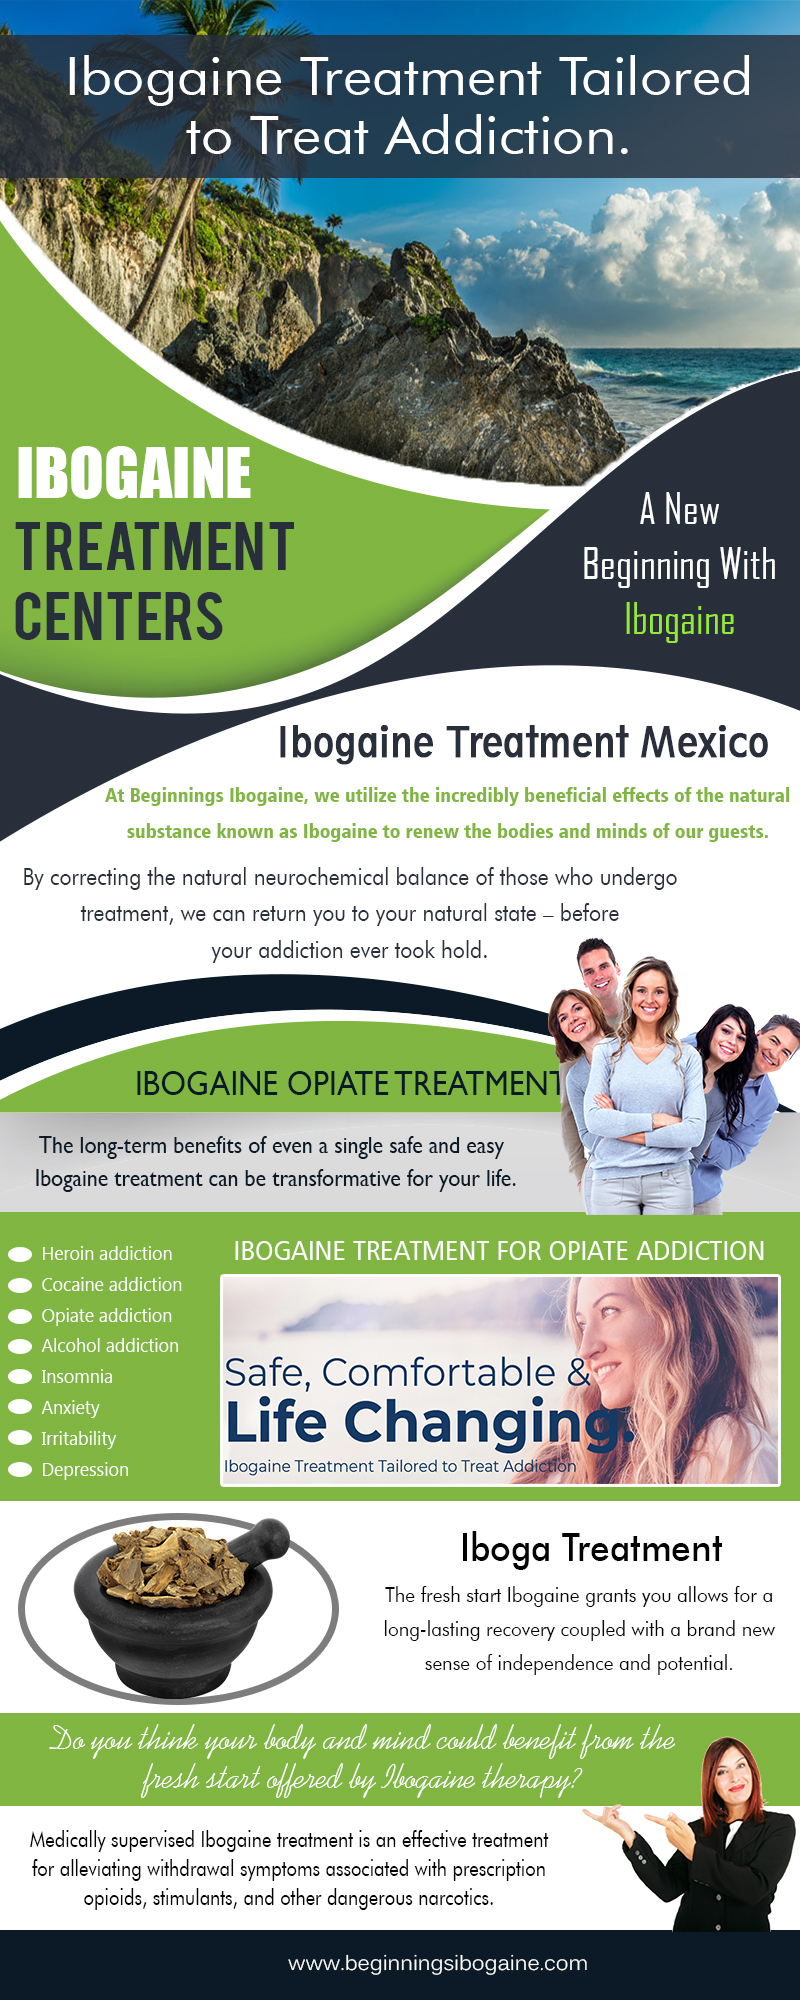 Ibogaine Clinics Treatment|https://beginningsibogaine.com/